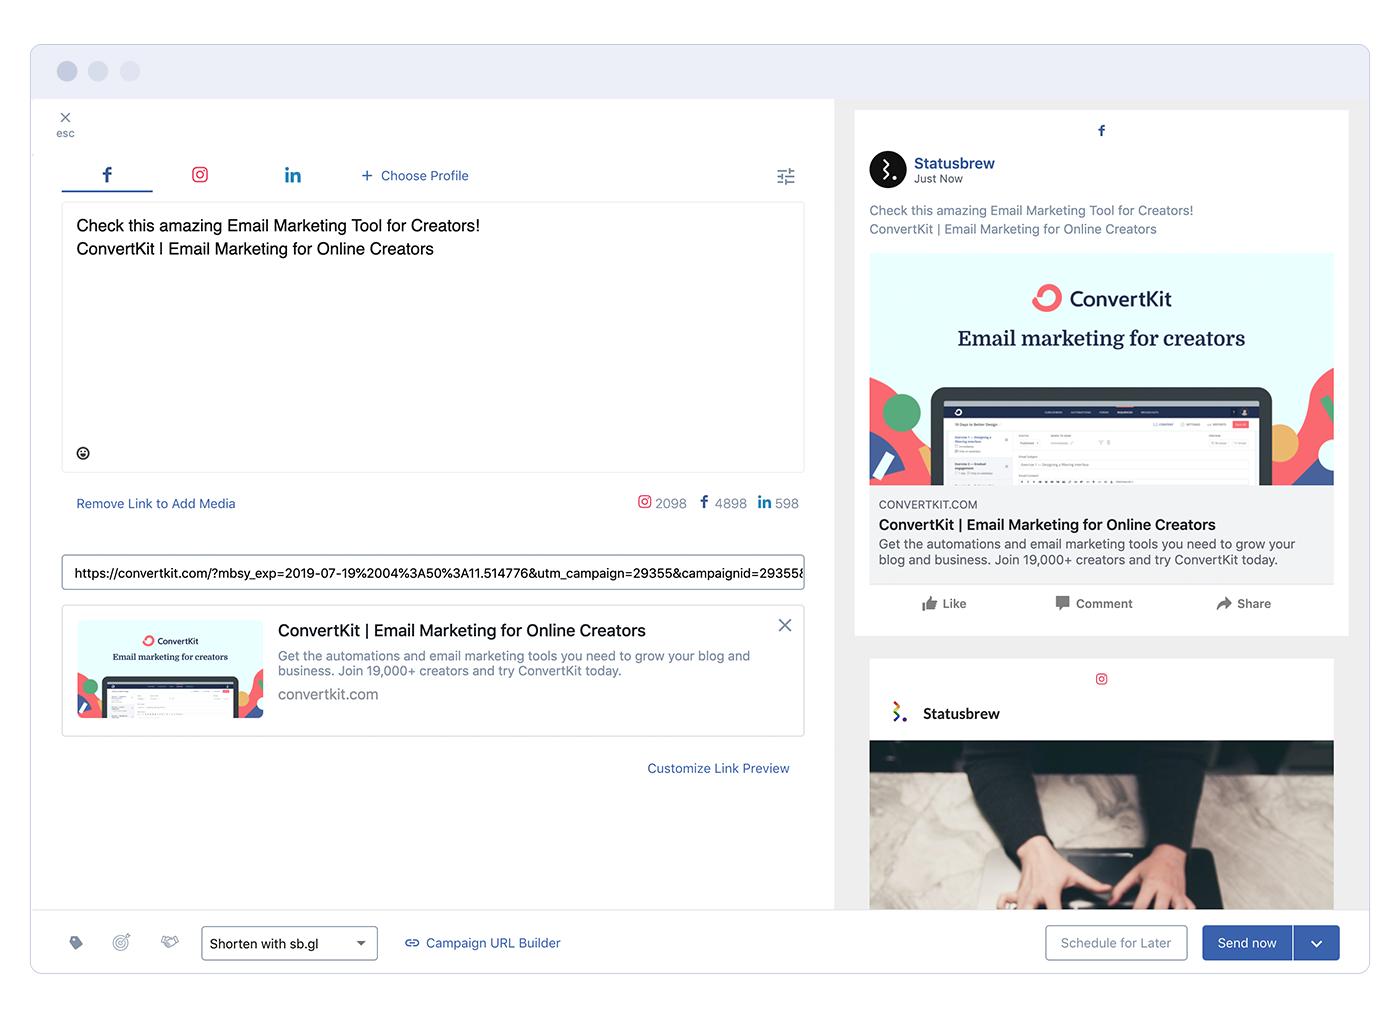 Statusbrew social media sharing